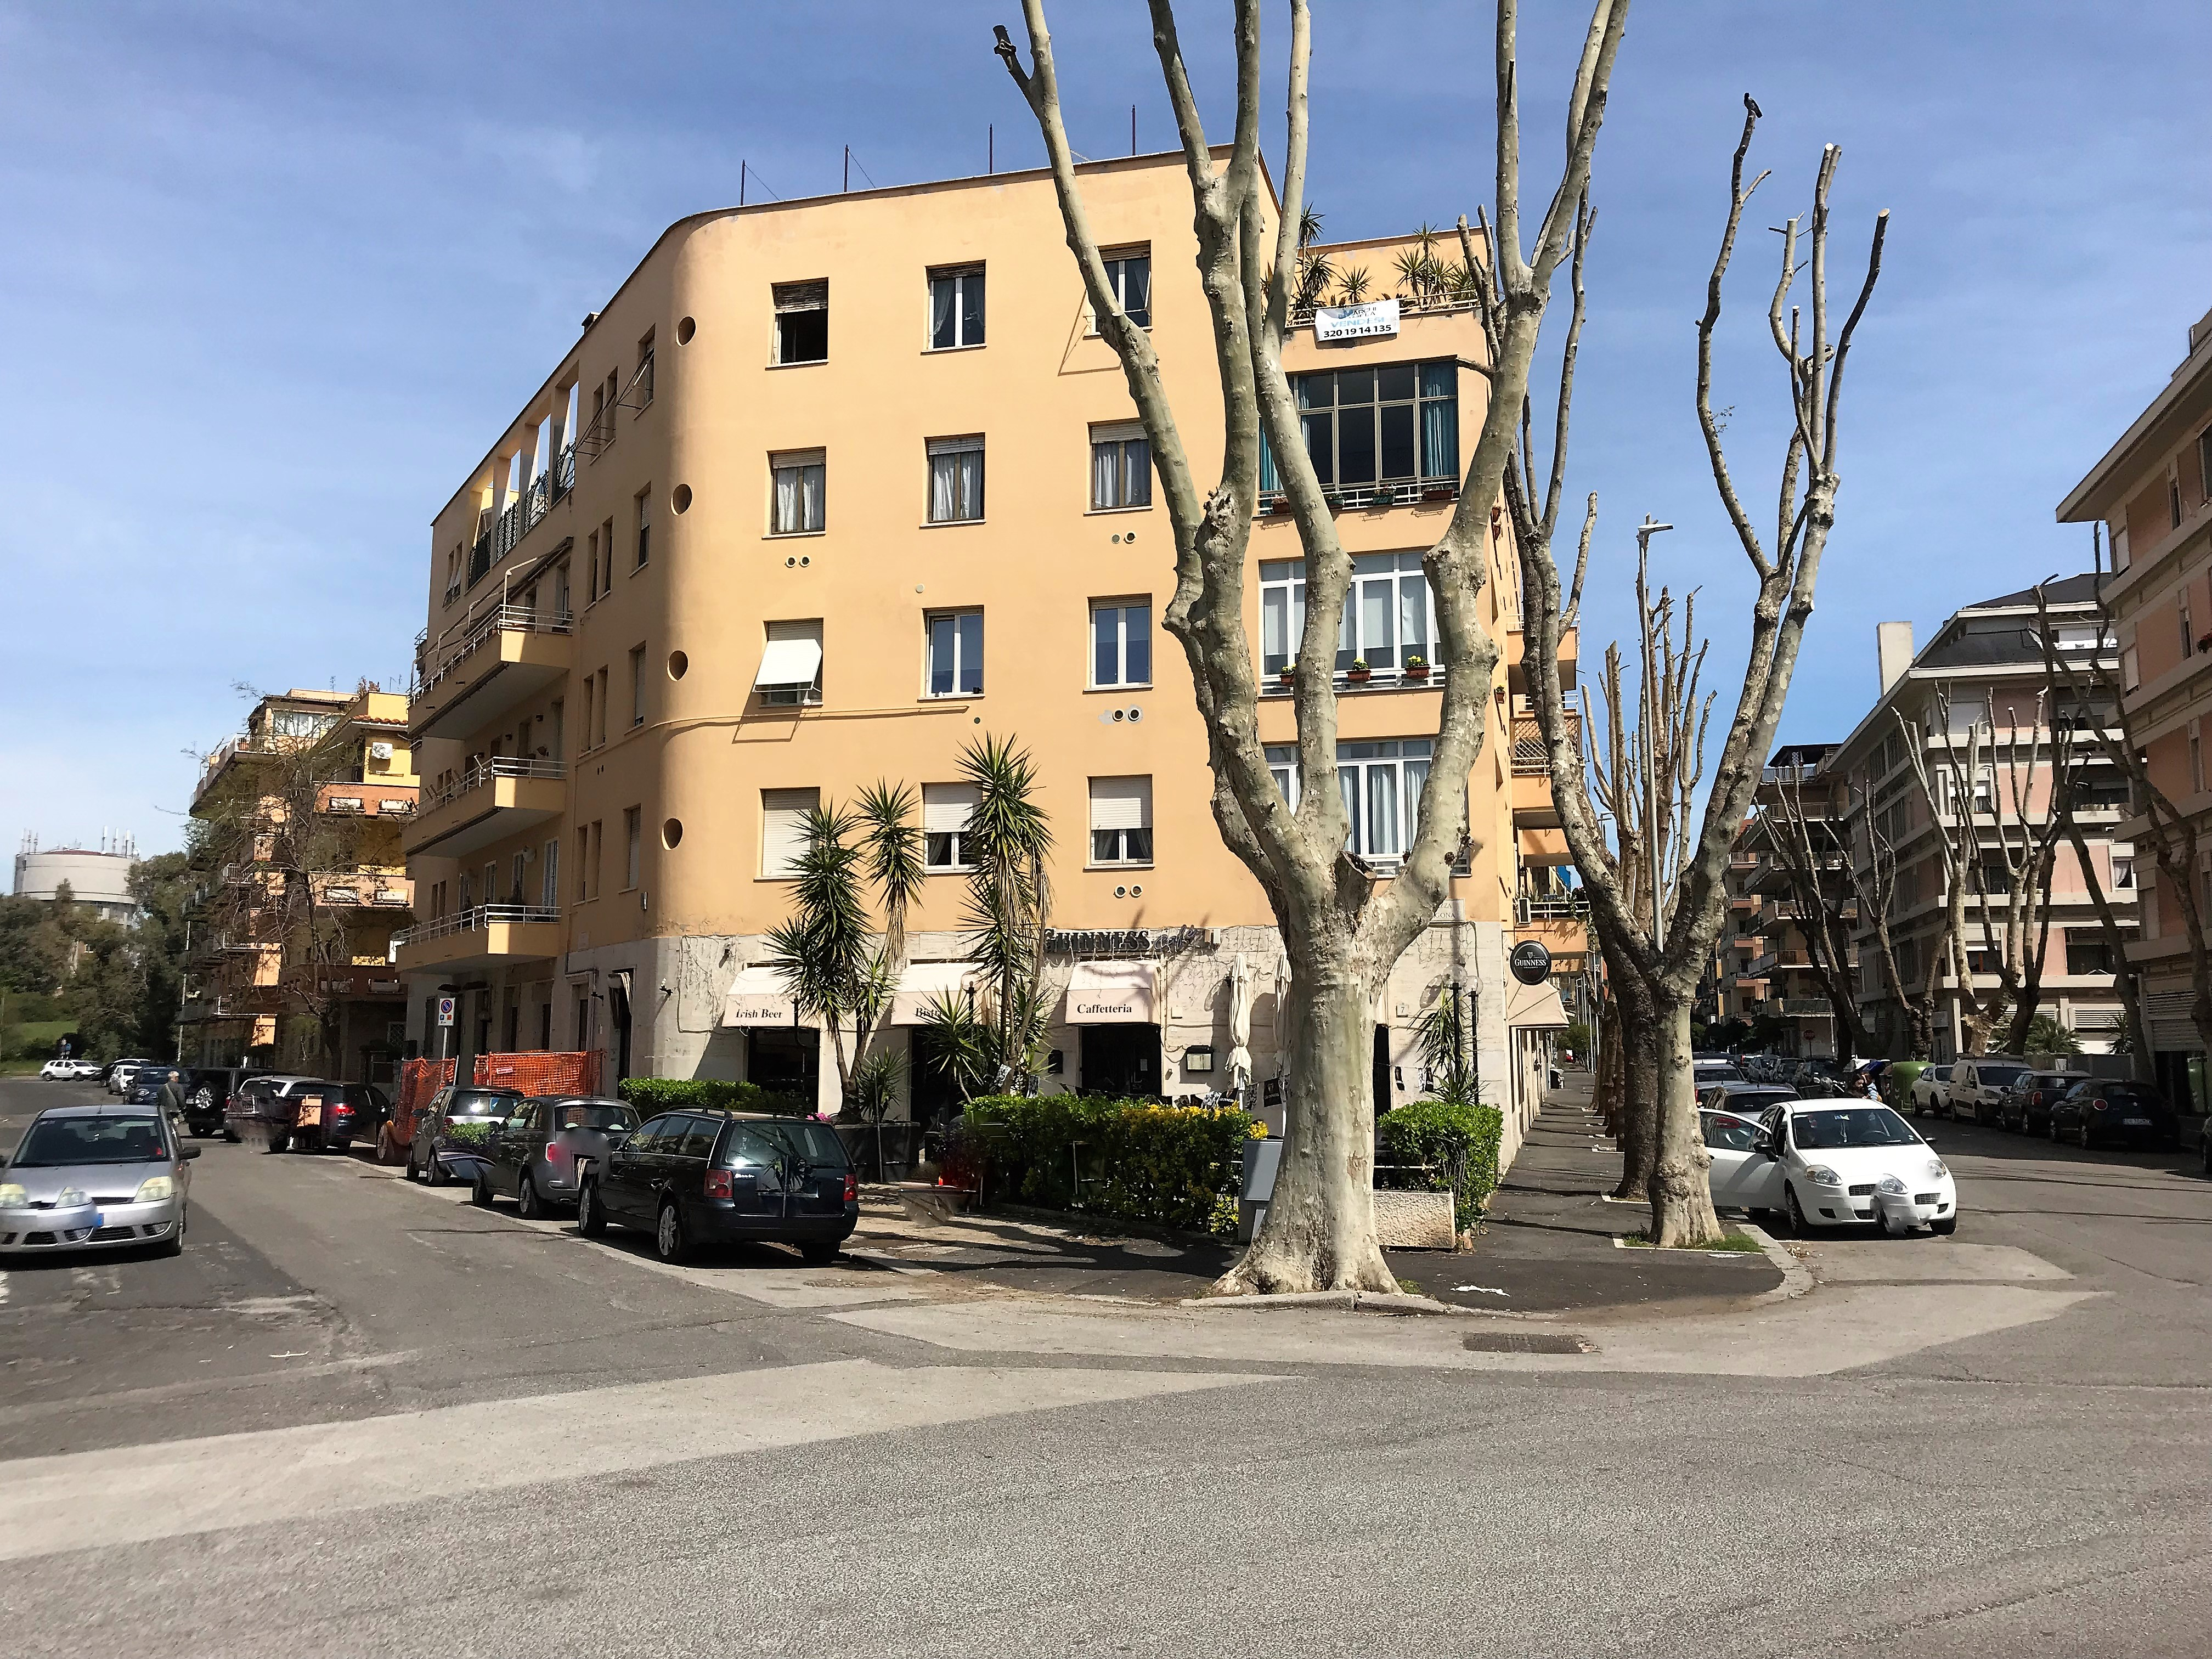 Ostia piazza sagona locale commerciale in vendita a for Affitto ufficio ostia